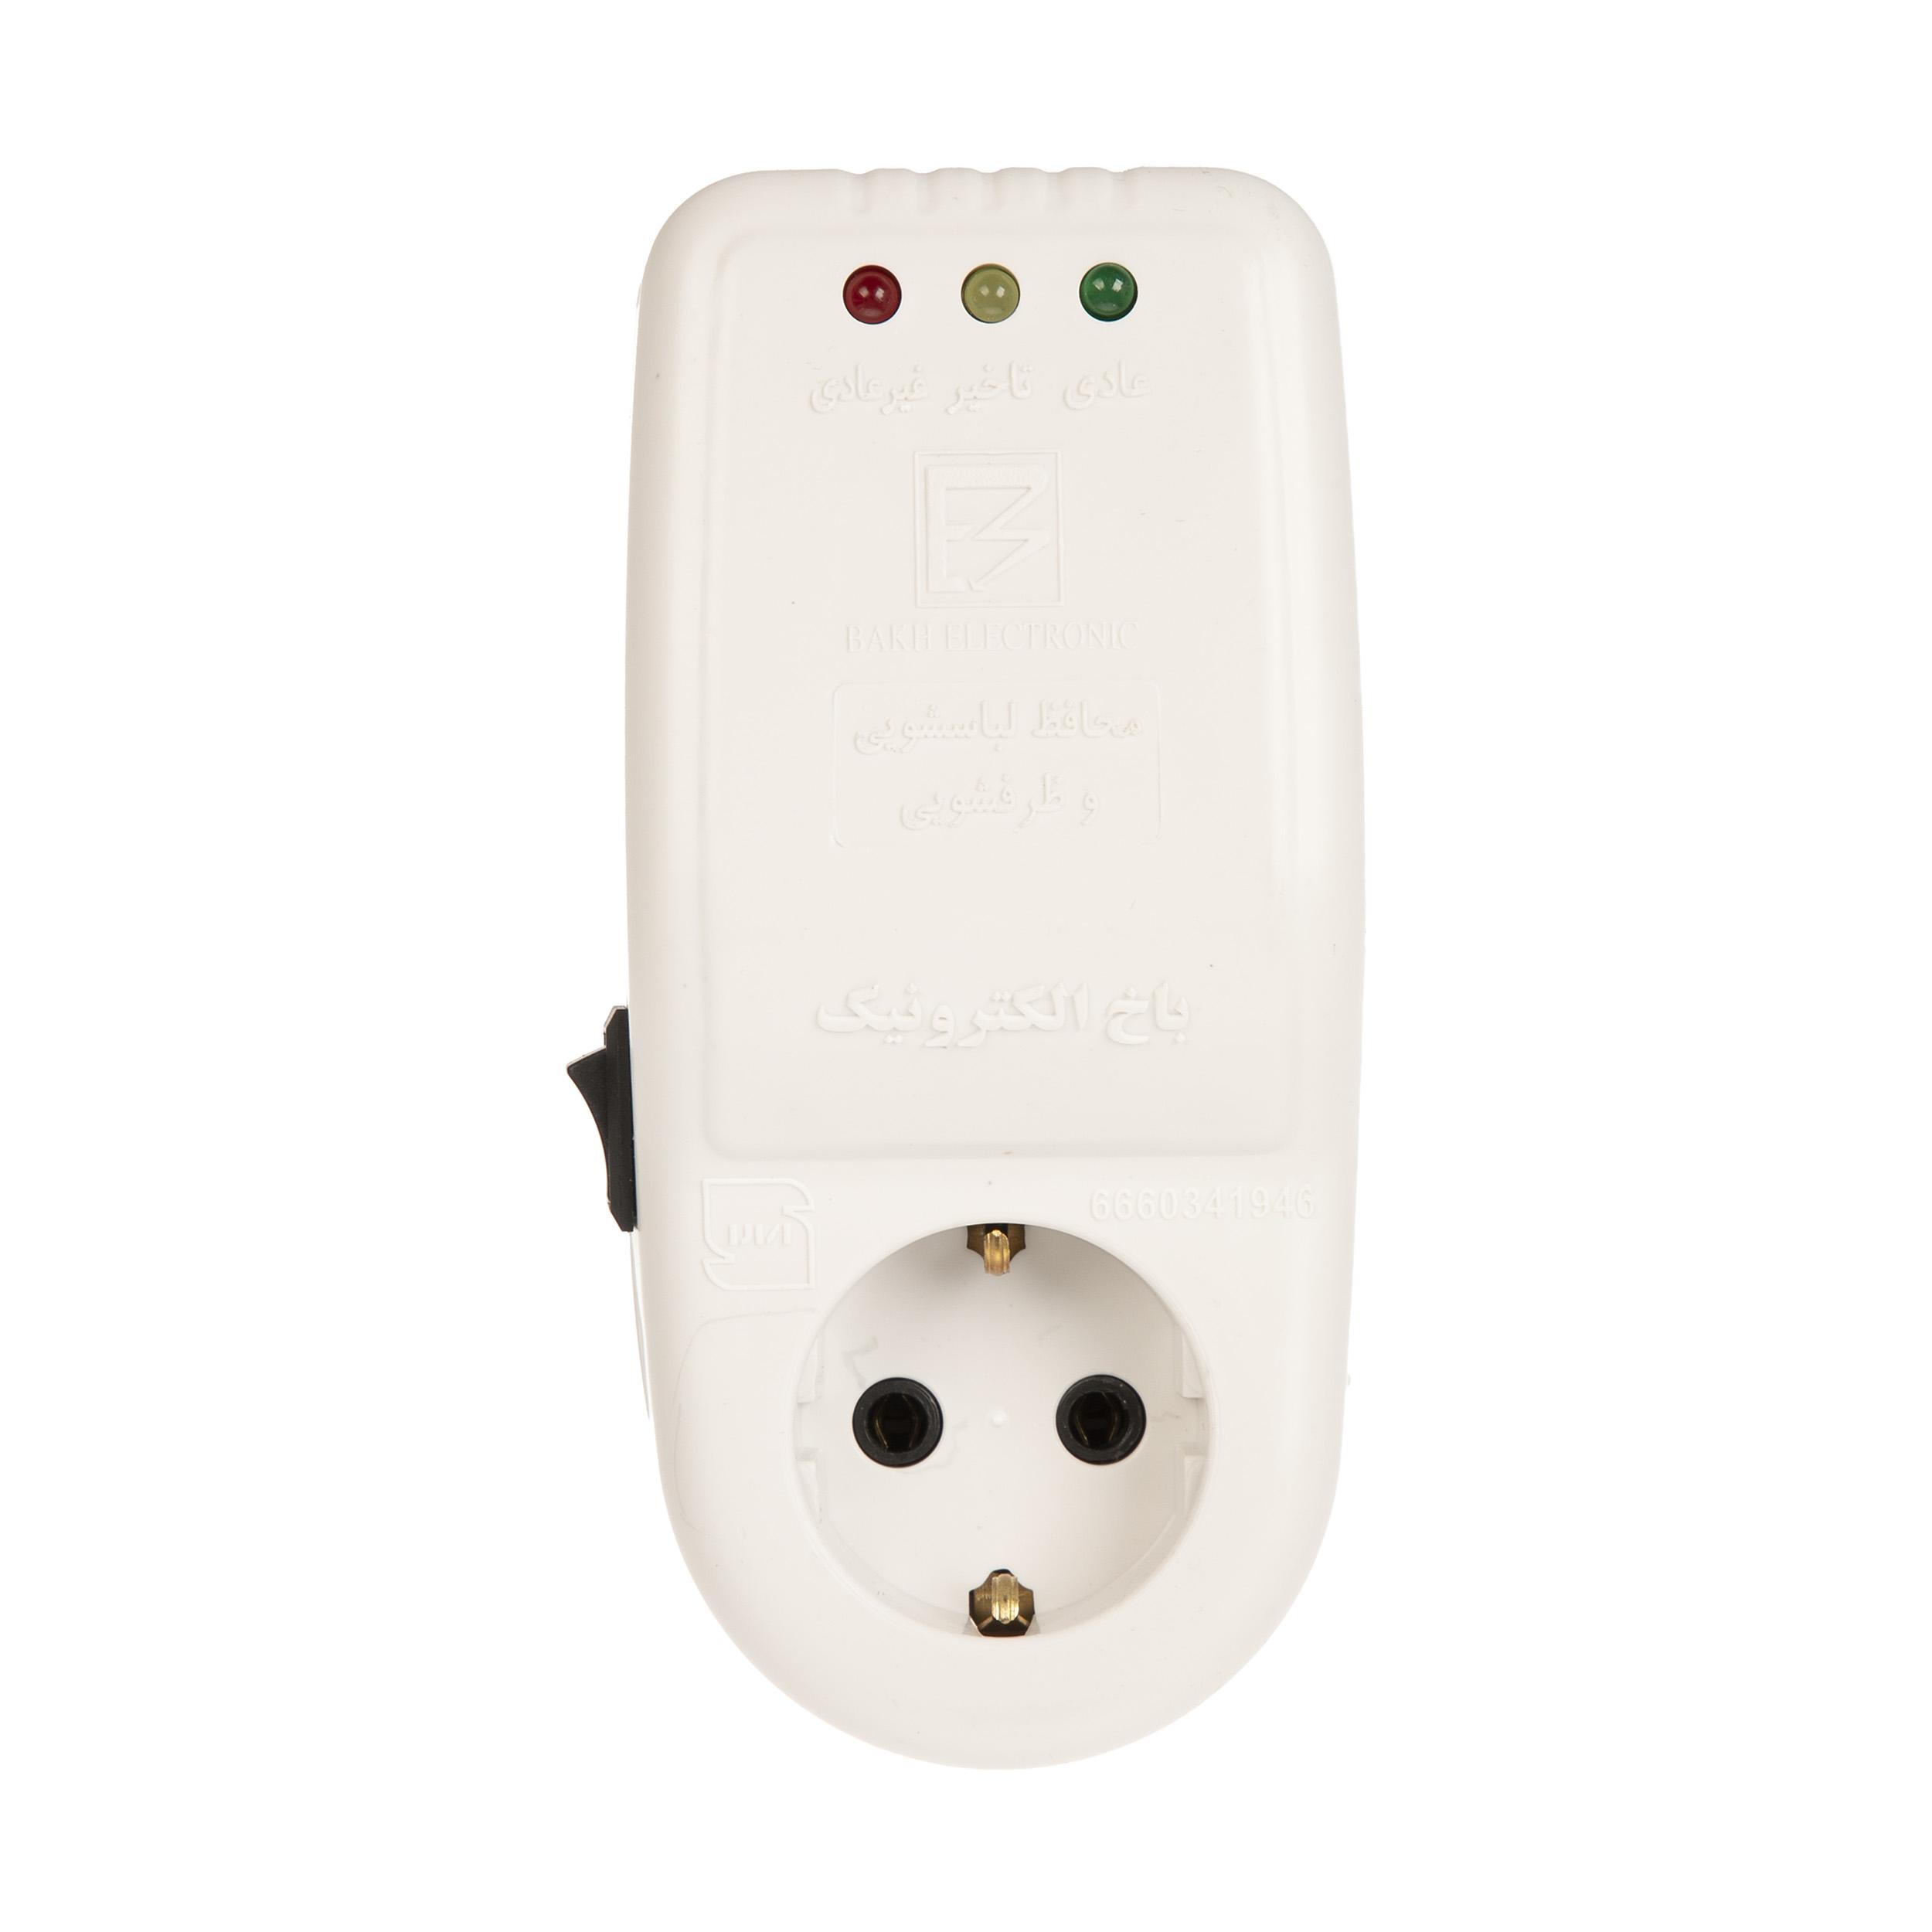 محافظ ولتاژ آنالوگ باخ الکترونیک مدل S1-1 مناسب برای ماشین لباسشویی و ماشین ظرفشویی